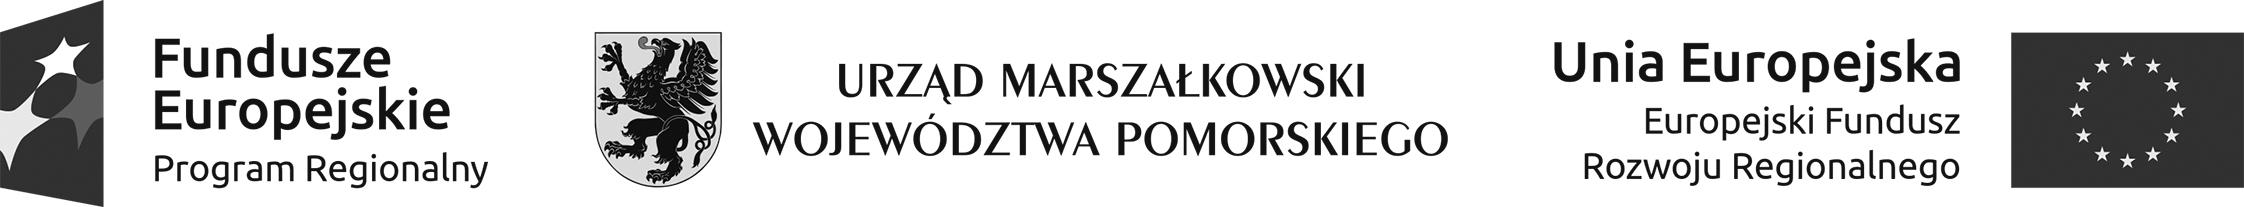 urząd marszałkowski logo